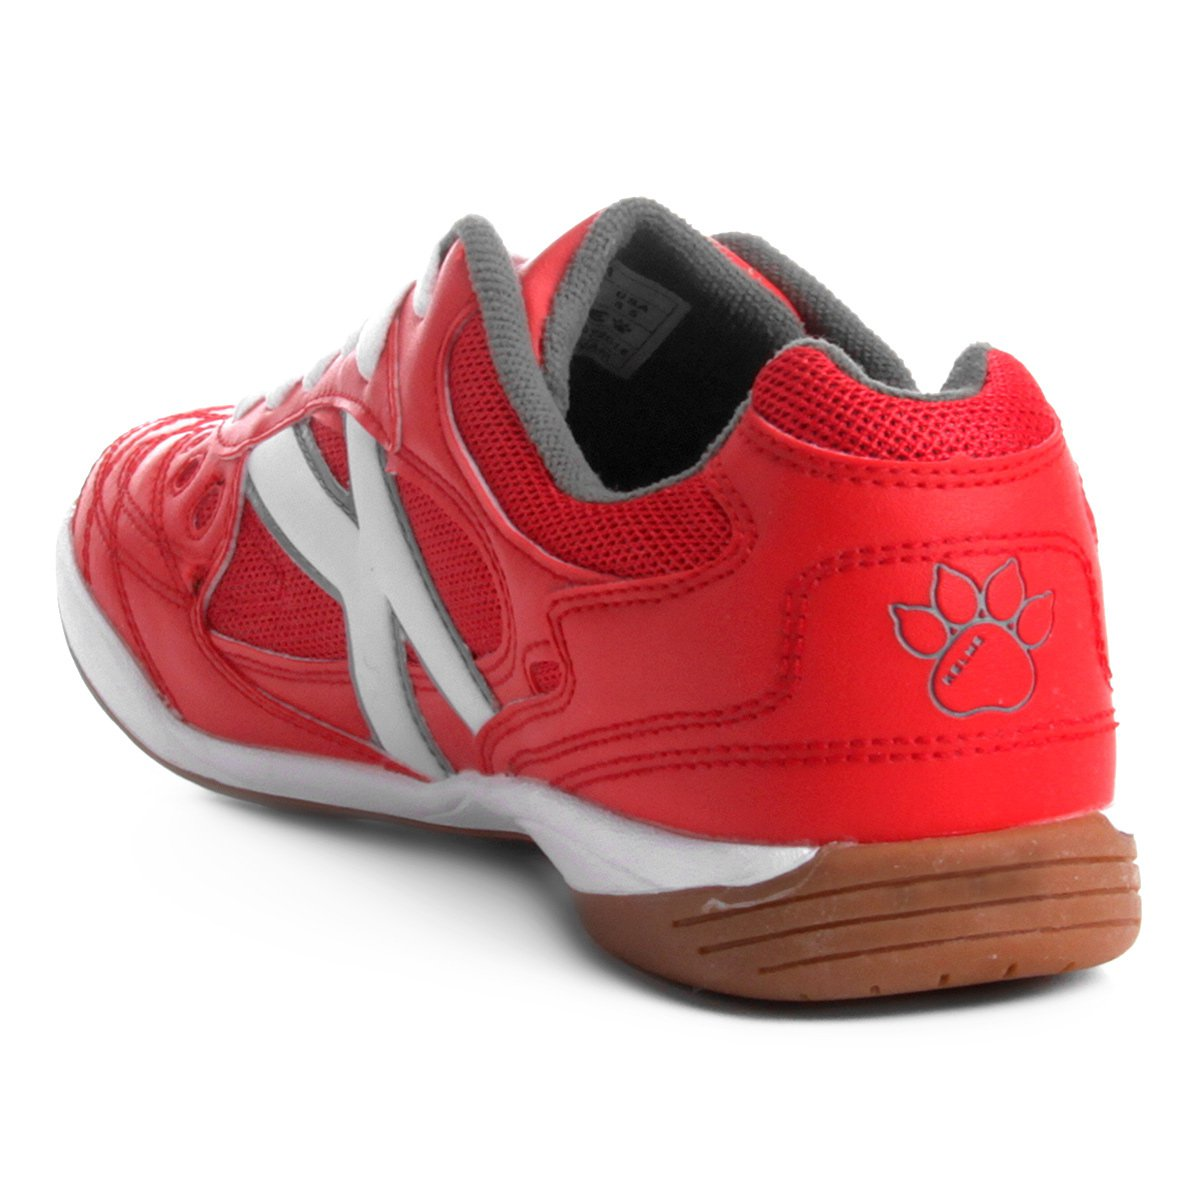 Chuteira Futsal Kelme Copa - Vermelho e Branco - Compre Agora  1468e417f1c78